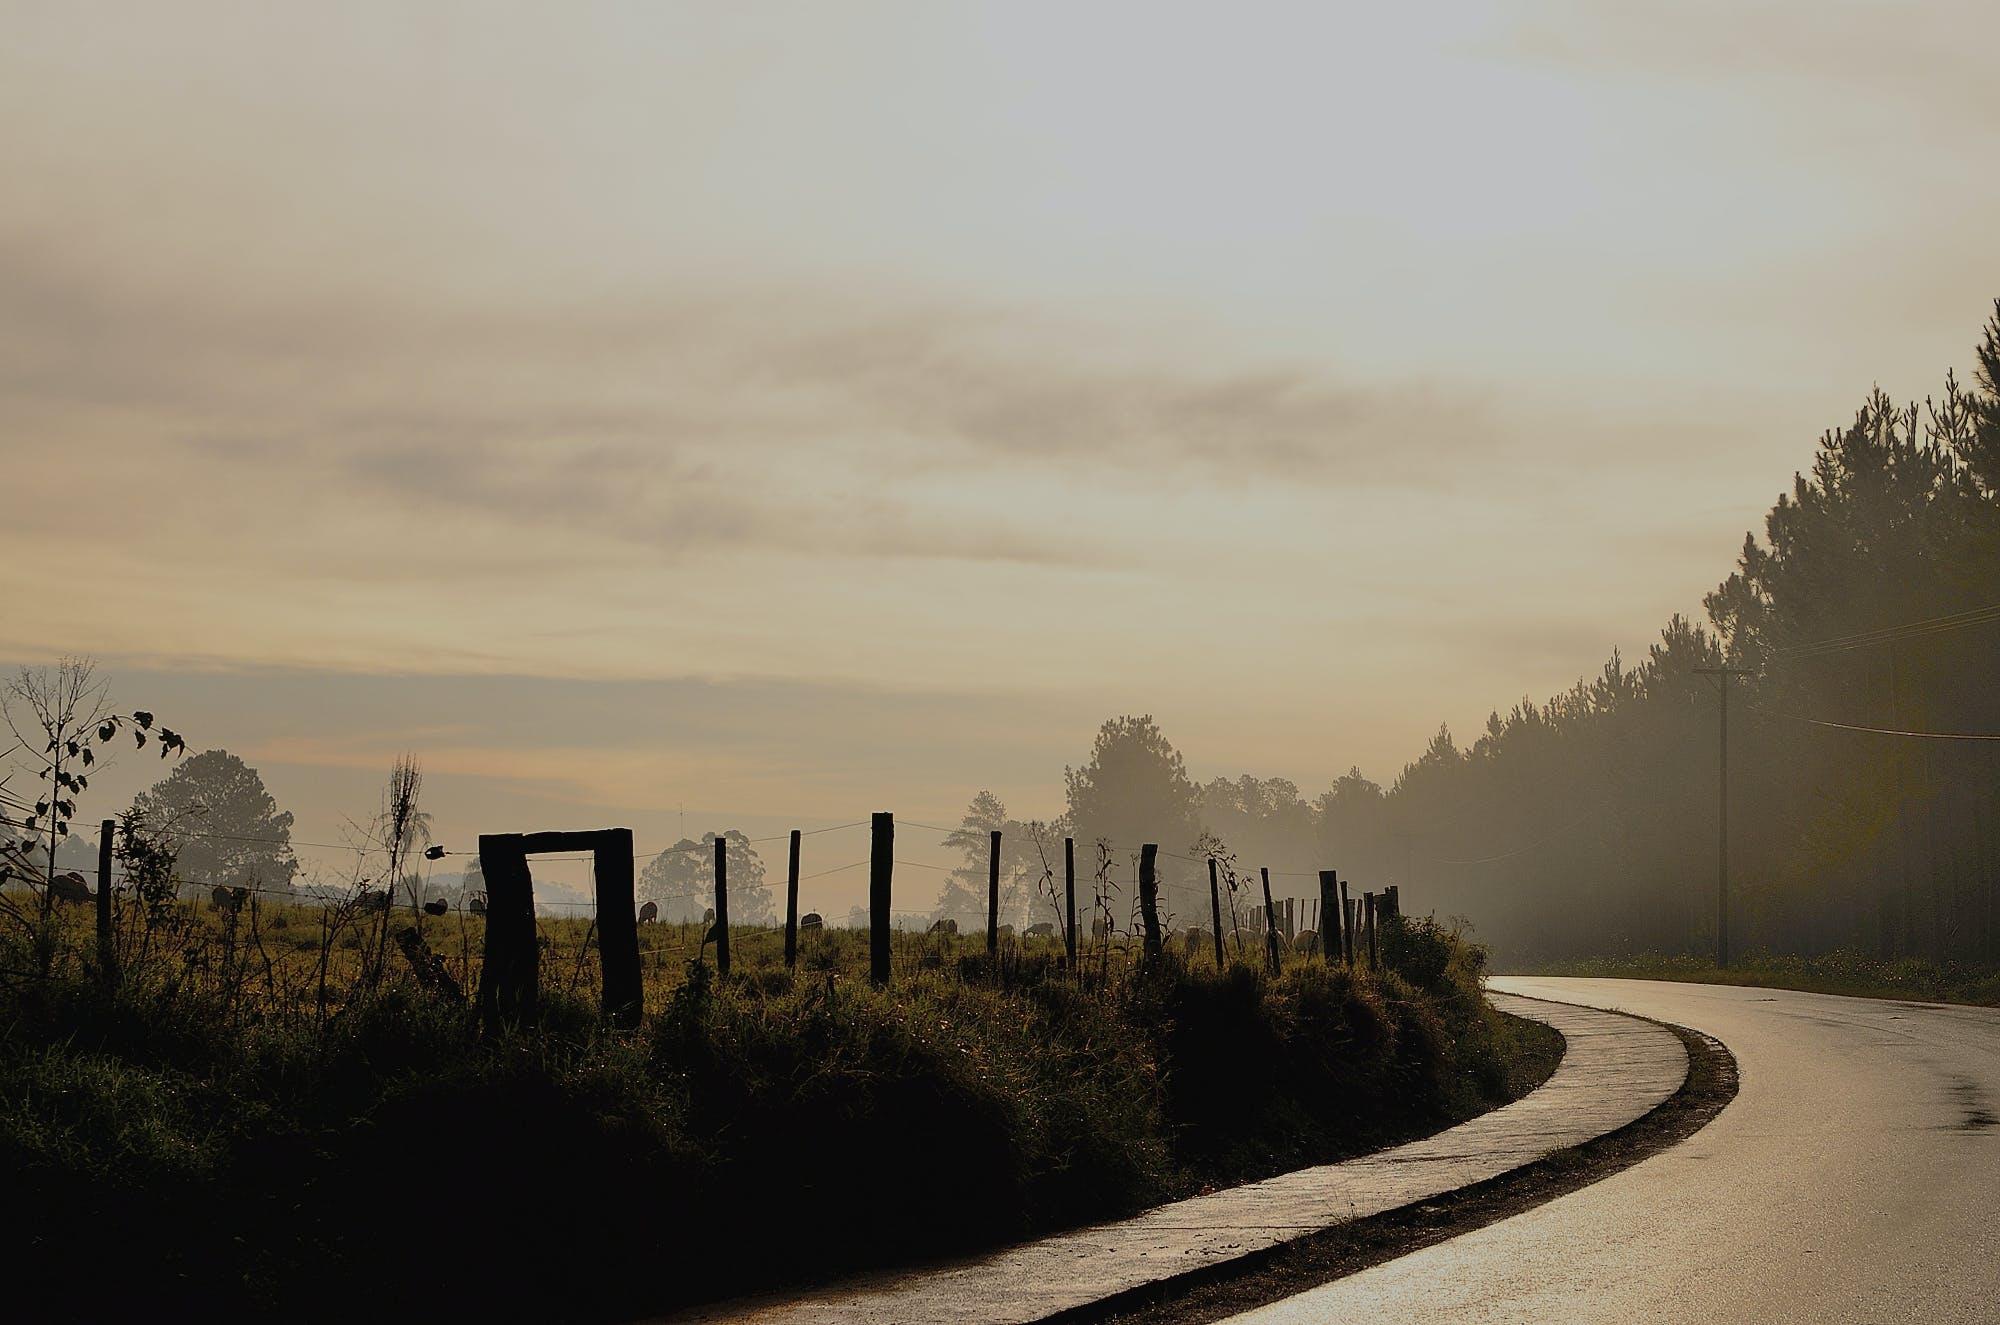 Δωρεάν στοκ φωτογραφιών με Ανατολή ηλίου, αυγή, δέντρα, δρόμος